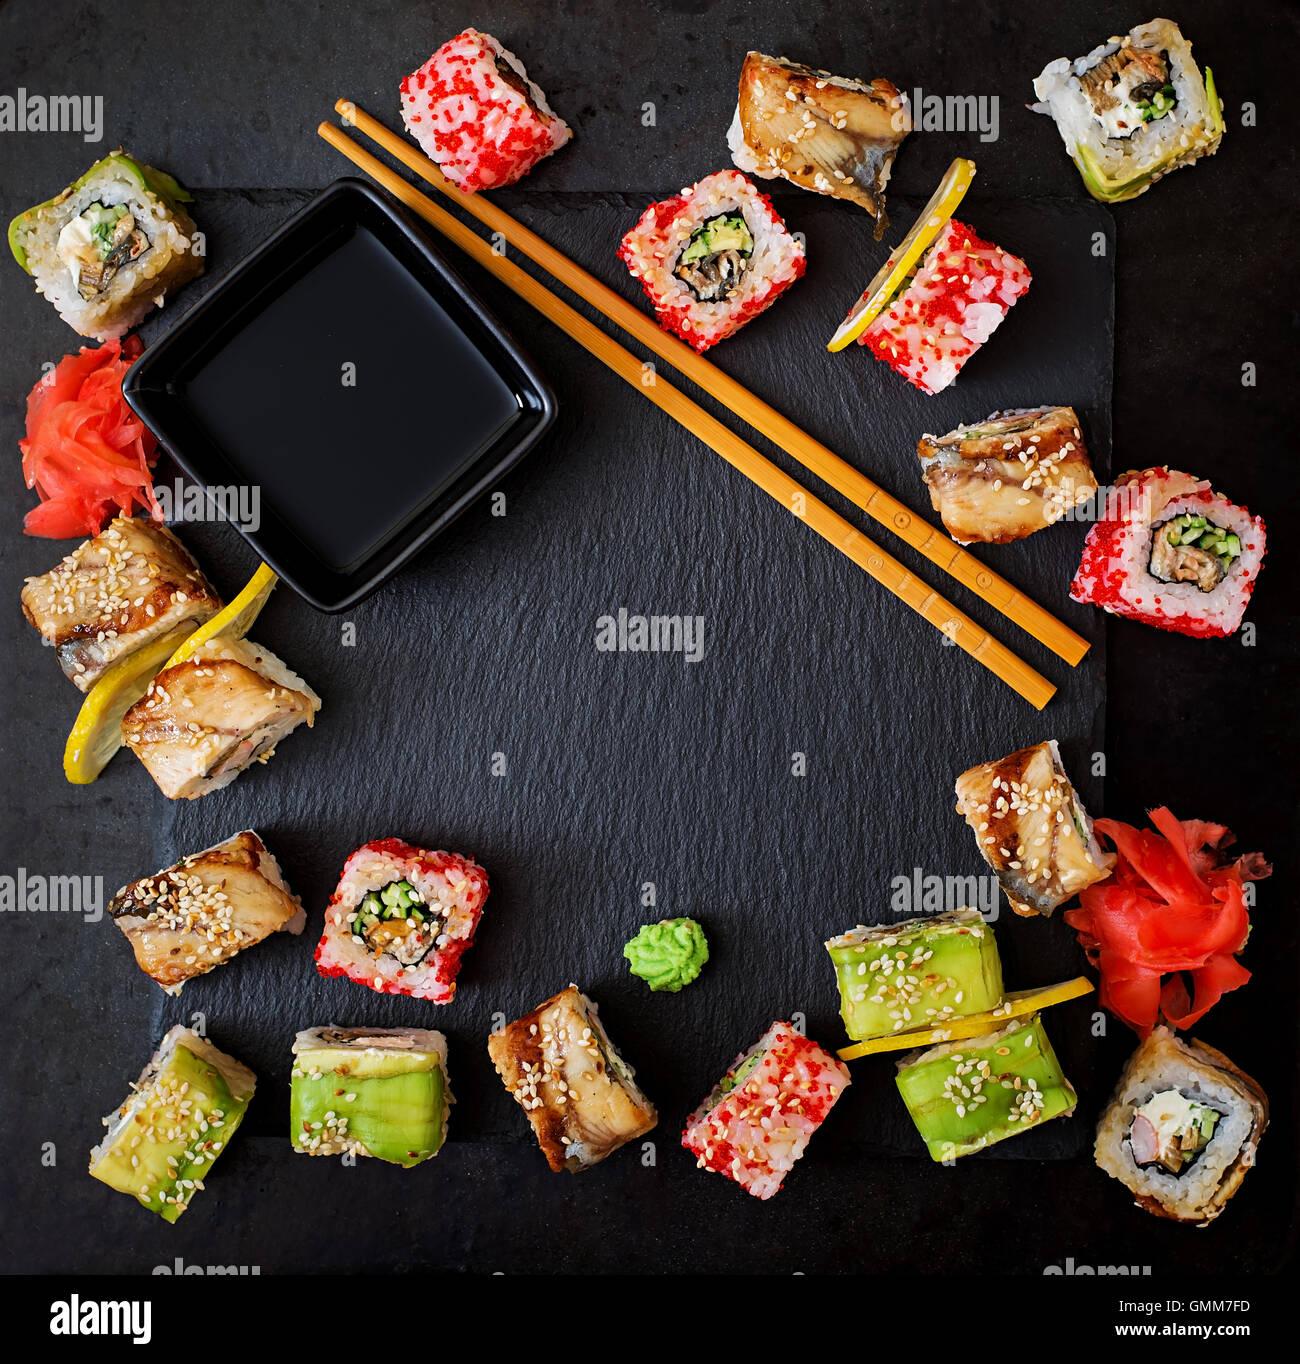 La cuisine japonaise traditionnelle - rouleaux de sushi, et la sauce sur un fond noir. Vue d'en haut Photo Stock